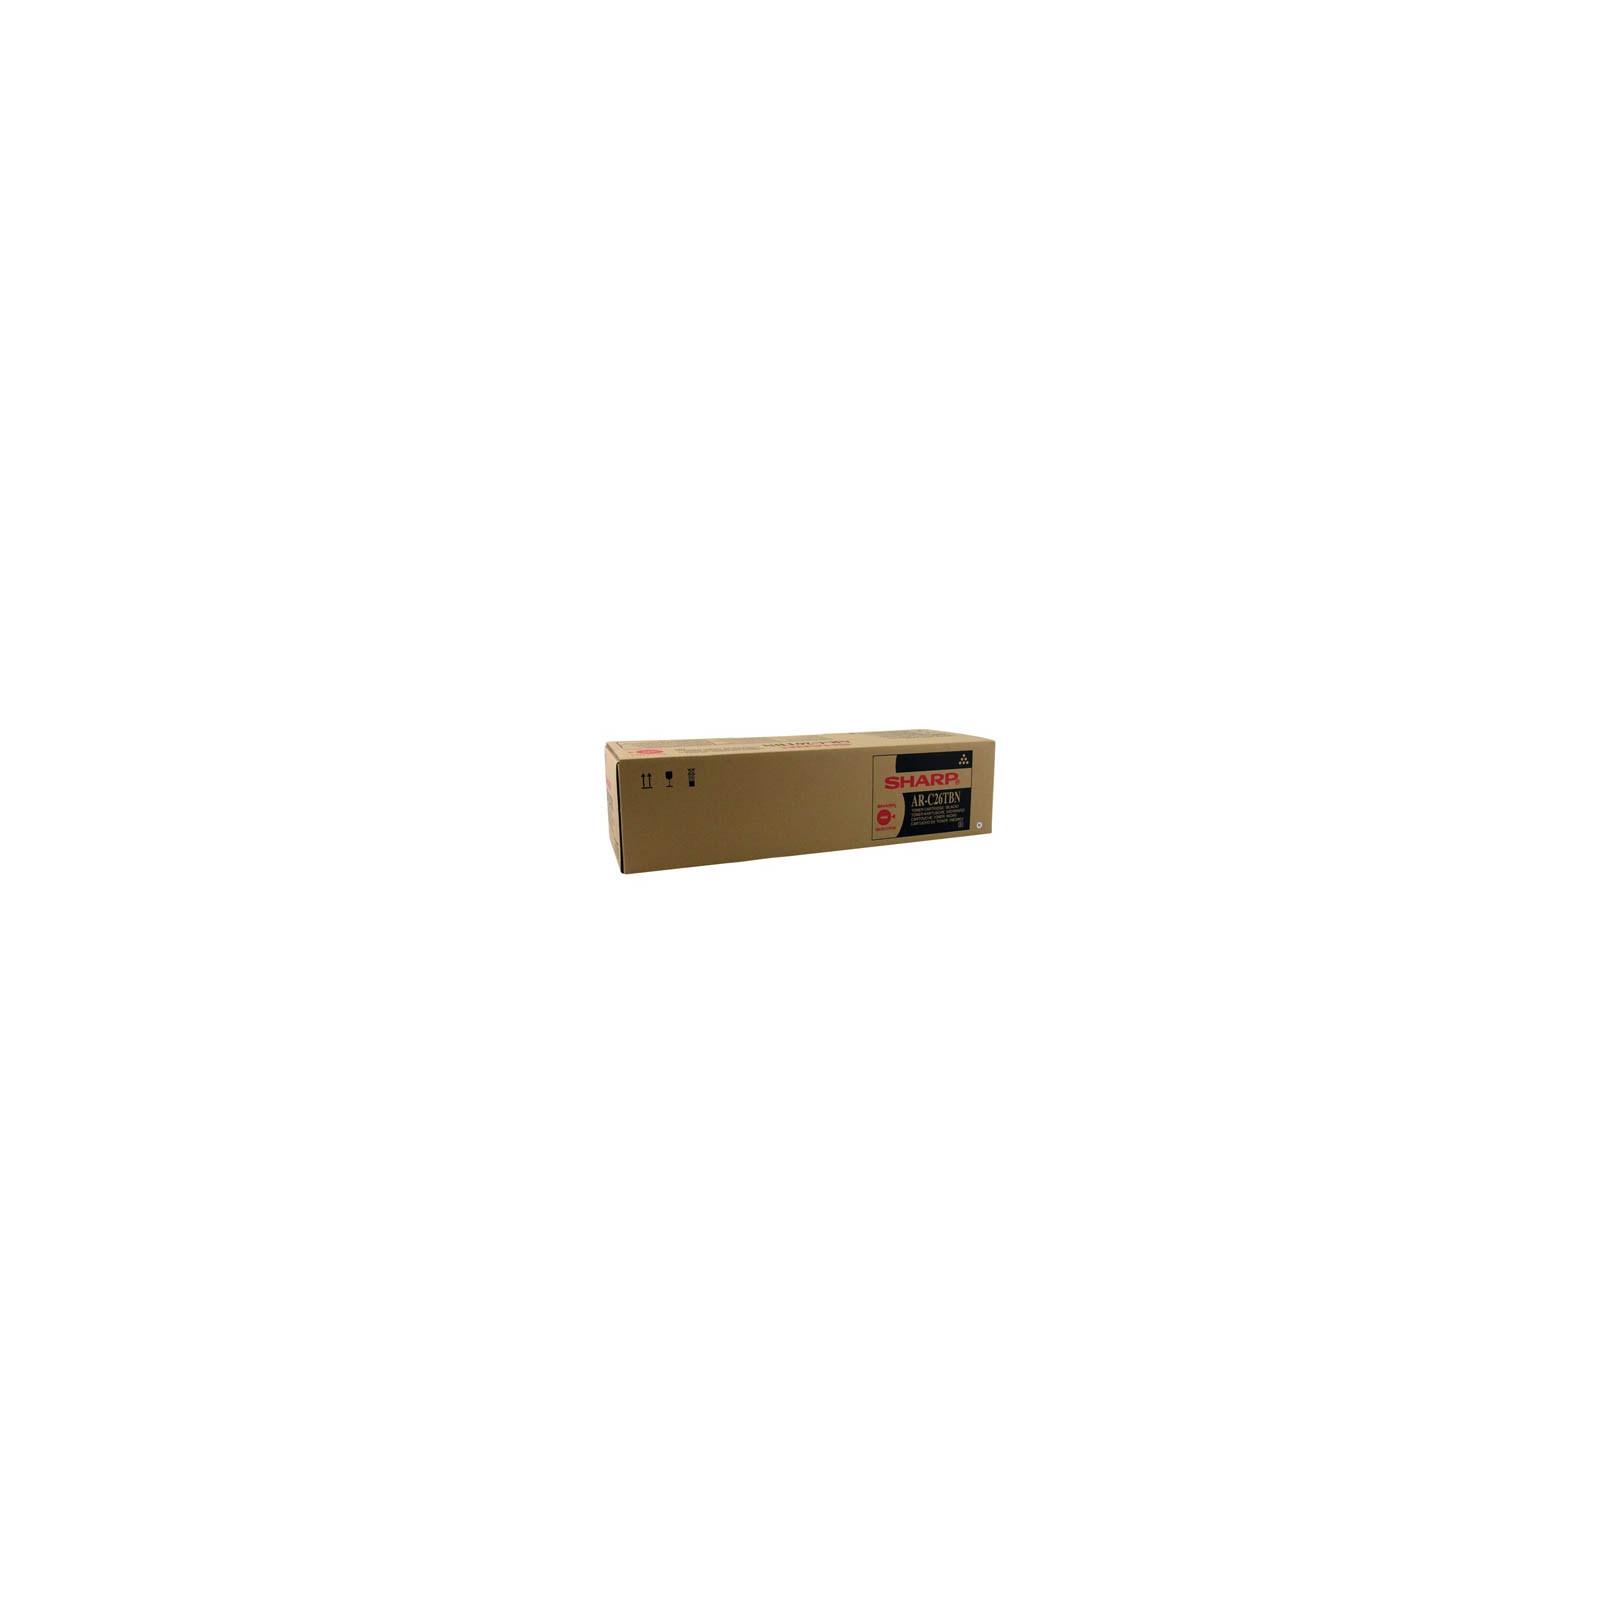 Тонер-картридж SHARP AR C26TBN Black(для ARC170/172/262) (ARC26TBN)